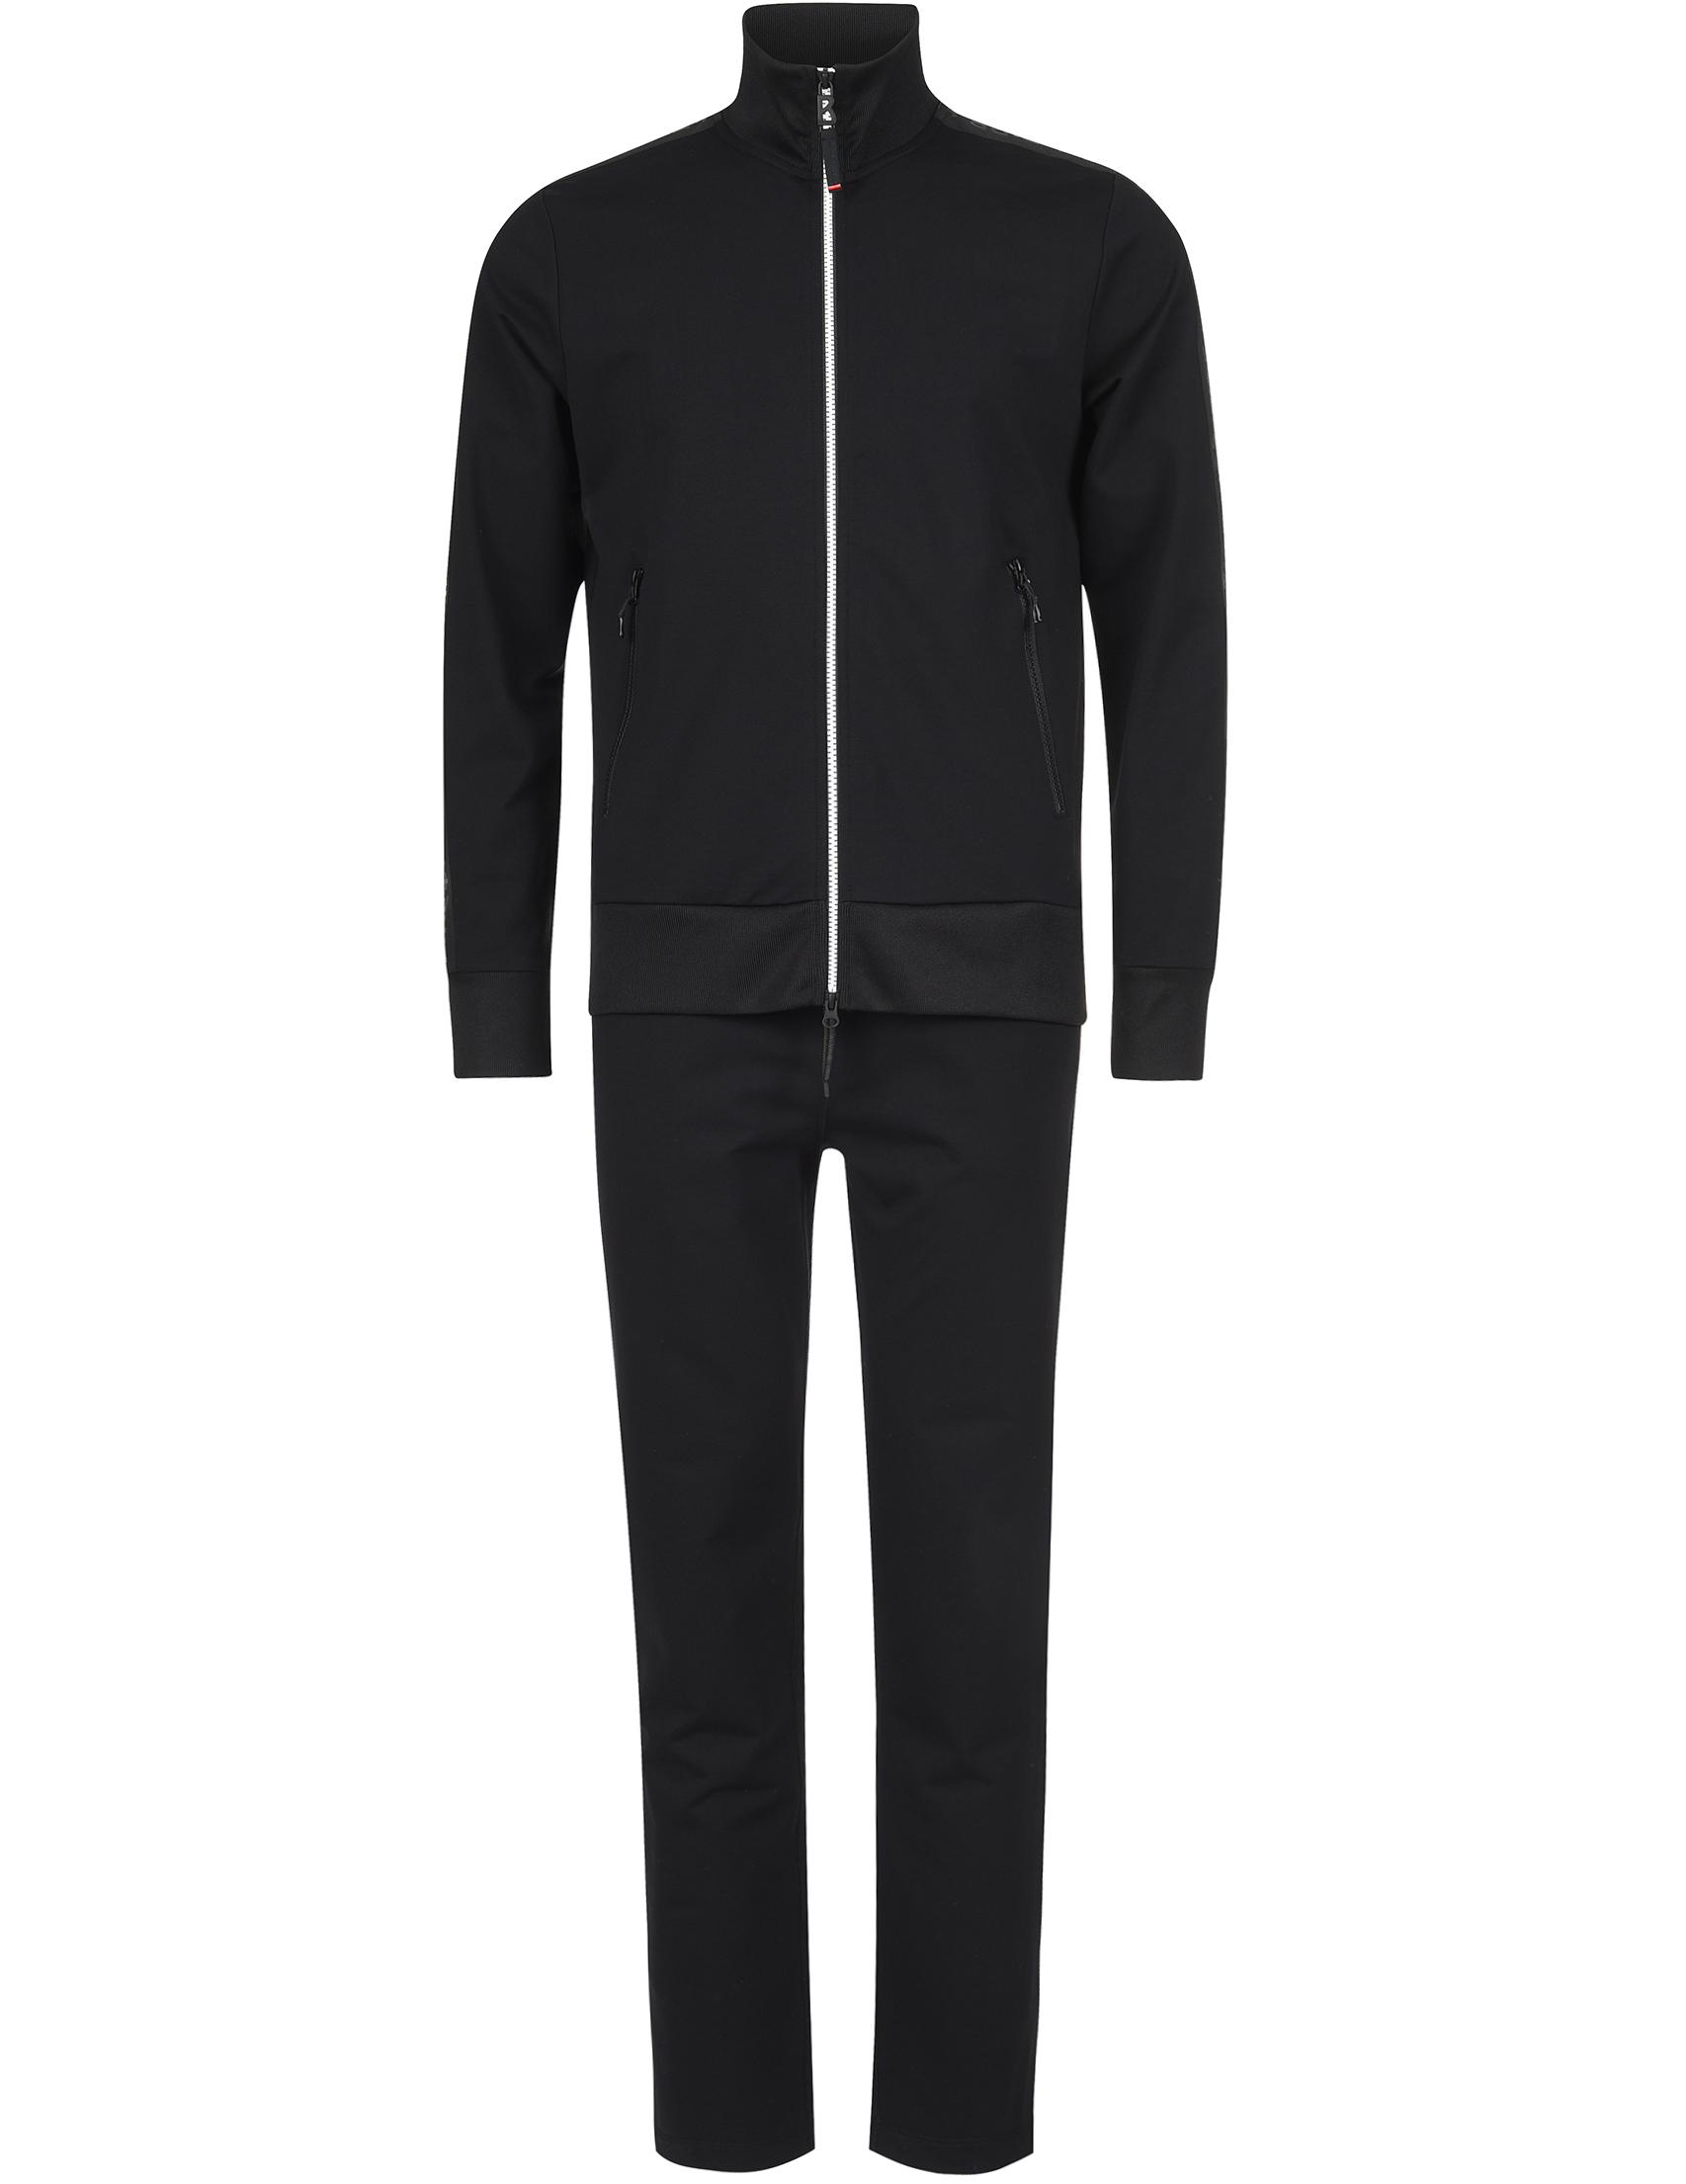 Купить Спортивный костюм, BOGNER, Черный, 70%Хлопок 24%Полиэстер 6%Эластан, Весна-Лето